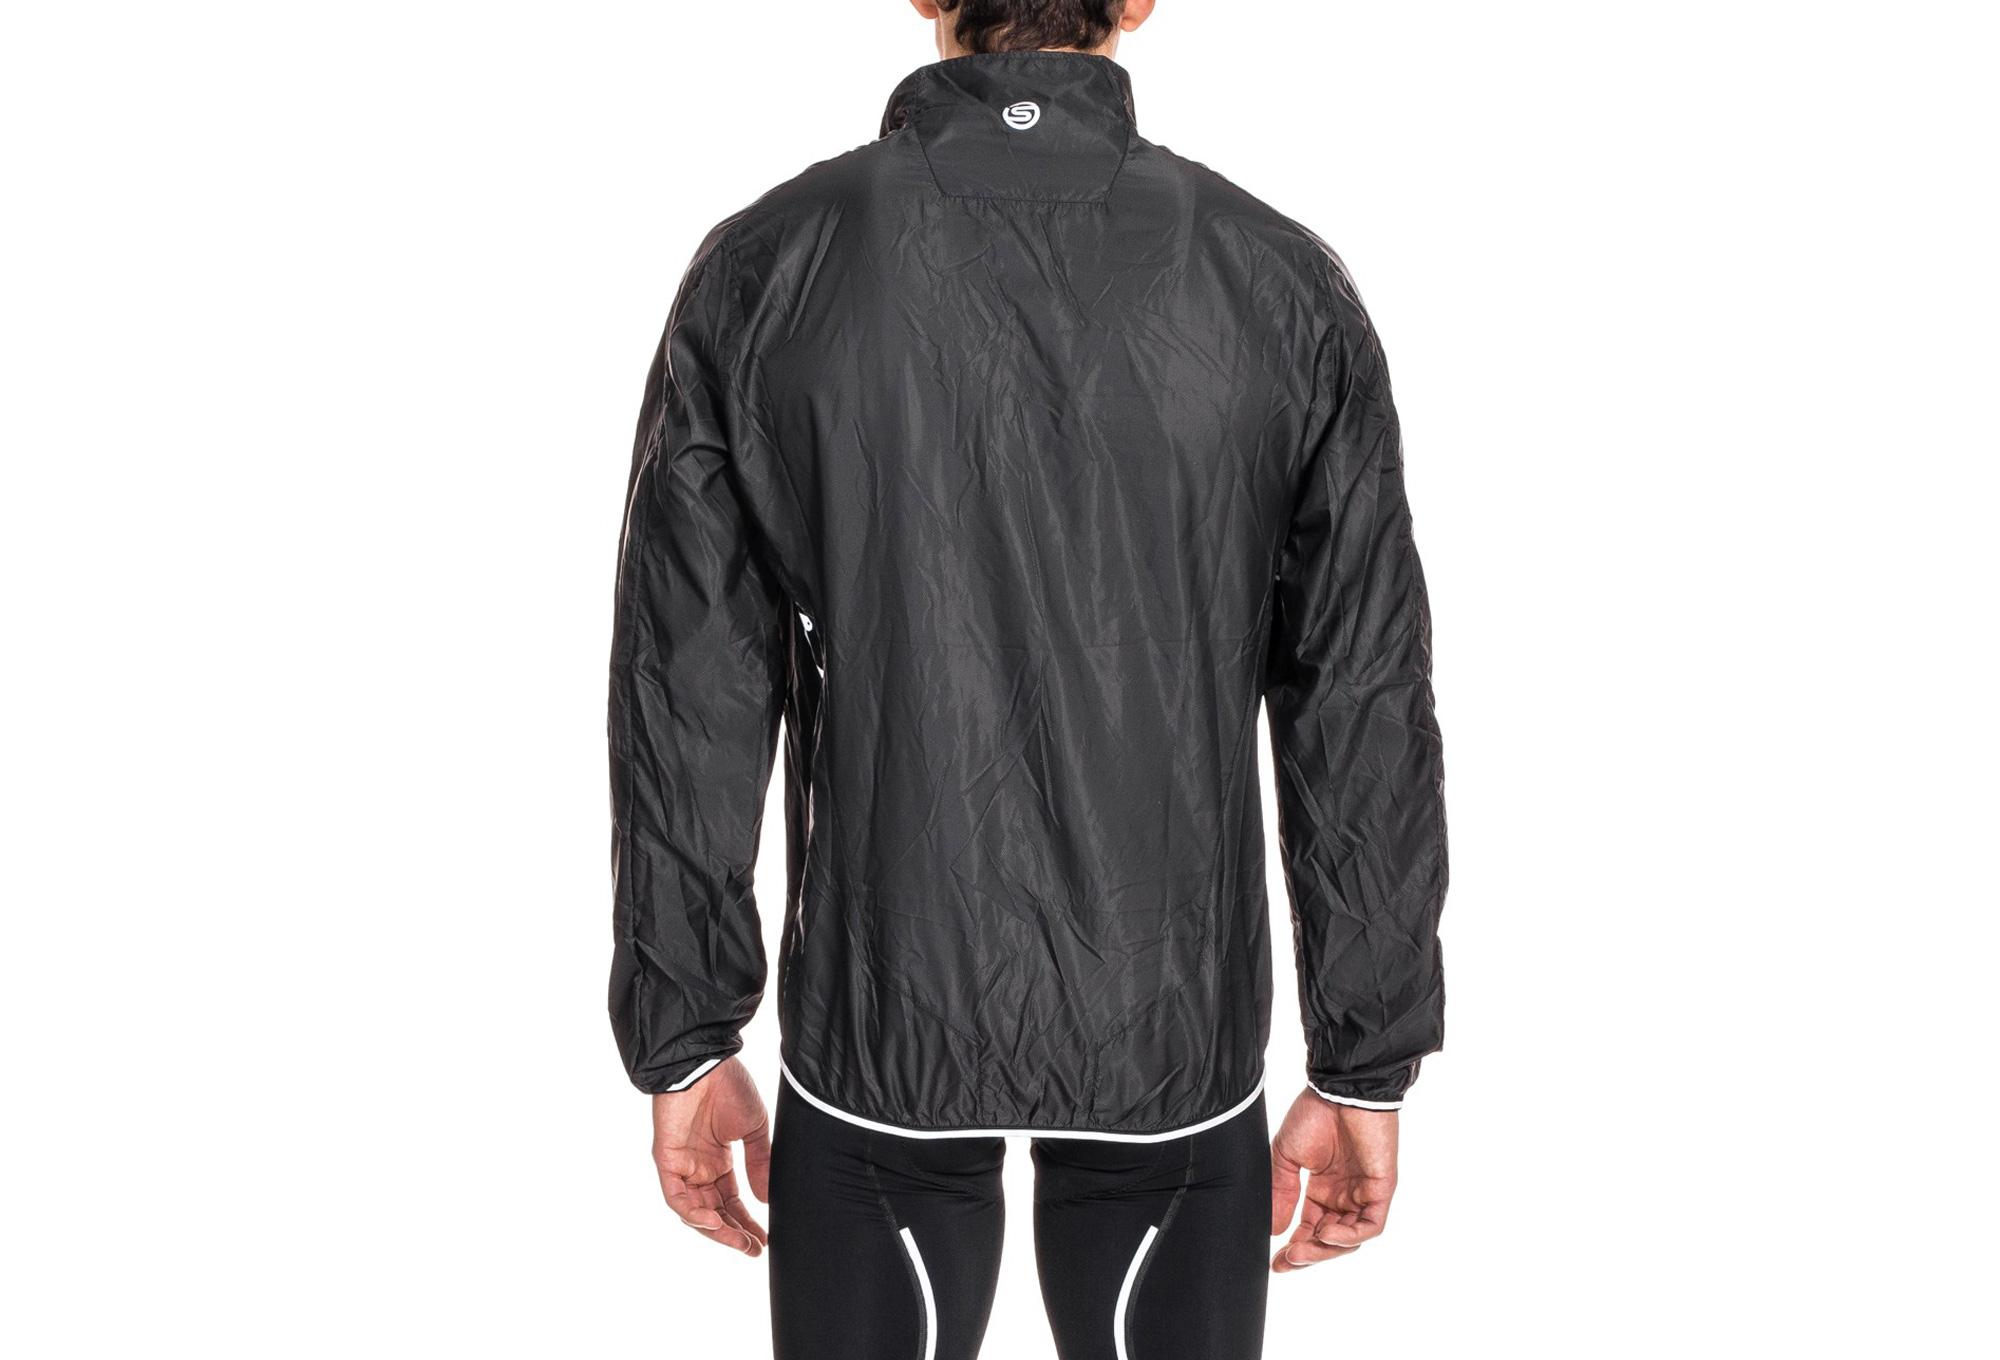 veste coupe vent skins cycle homme noir. Black Bedroom Furniture Sets. Home Design Ideas